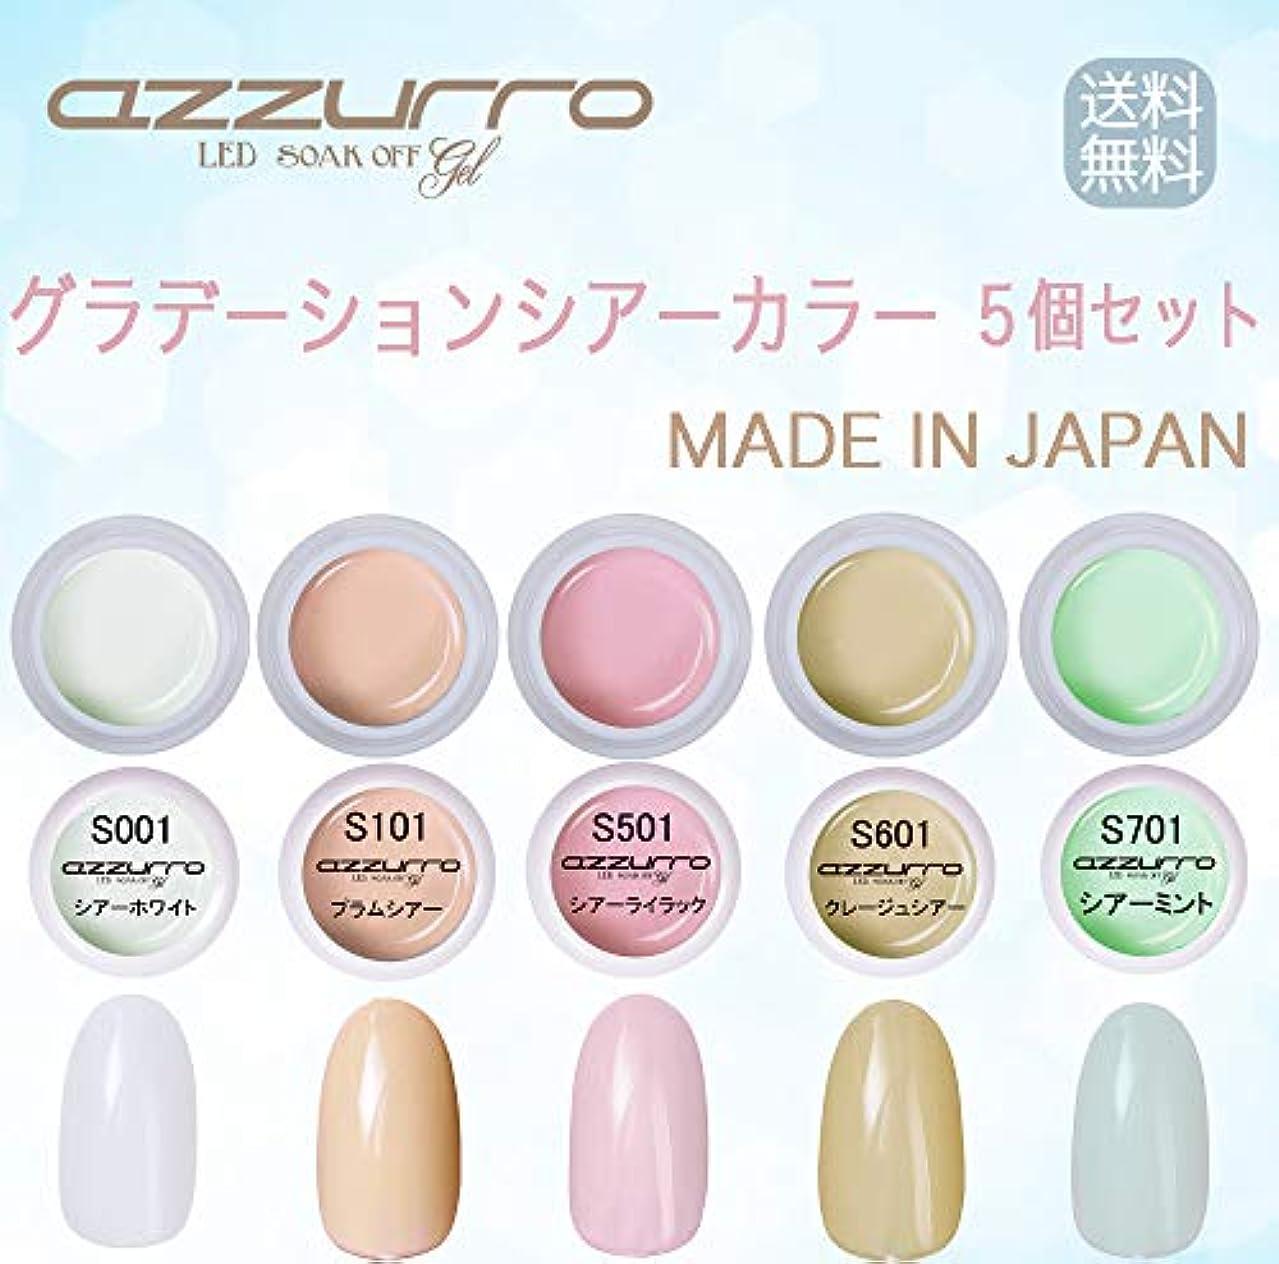 生活たらい検出可能【送料無料】日本製 azzurro gel グラデーションシアーカラージェル5個セット 春にぴったりな 春グラデーションシアーカラー